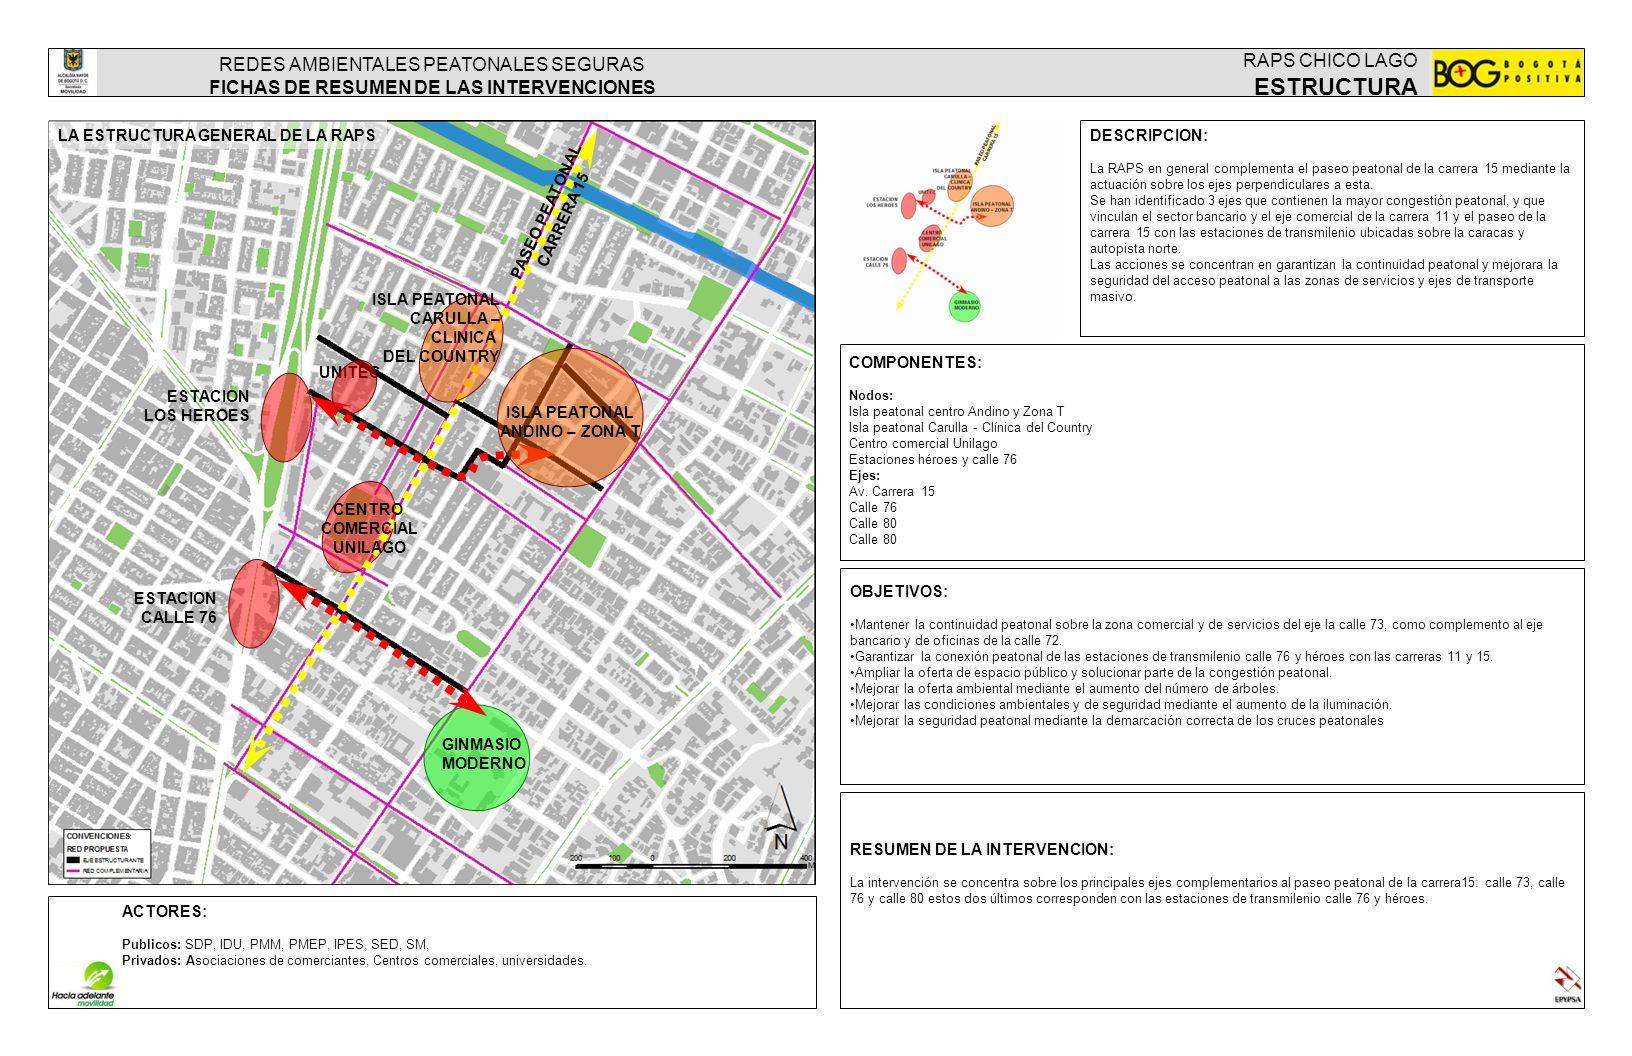 REDES AMBIENTALES PEATONALES SEGURAS FICHAS DE RESUMEN DE LAS INTERVENCIONES RAPS CHICO LAGO TRAMOS TRAMOS QUE COMPONEN LA RAPS TRAMO 97A ZONA T Corresponde al sector peatonal del a zona t y los ejes principales que vinculas los centros comerciales presentes calle 82, calle 80, y diagonal 85 entre carrera 11 y 15 TRAMO 97C CL 82 Corresponde a la calle 82 entre la autopista norte y la carrera 15 TRAMO 97D CL76 ESTACION Salida de la estación calle 76 sobre el eje de la calle 76 entre la Av.